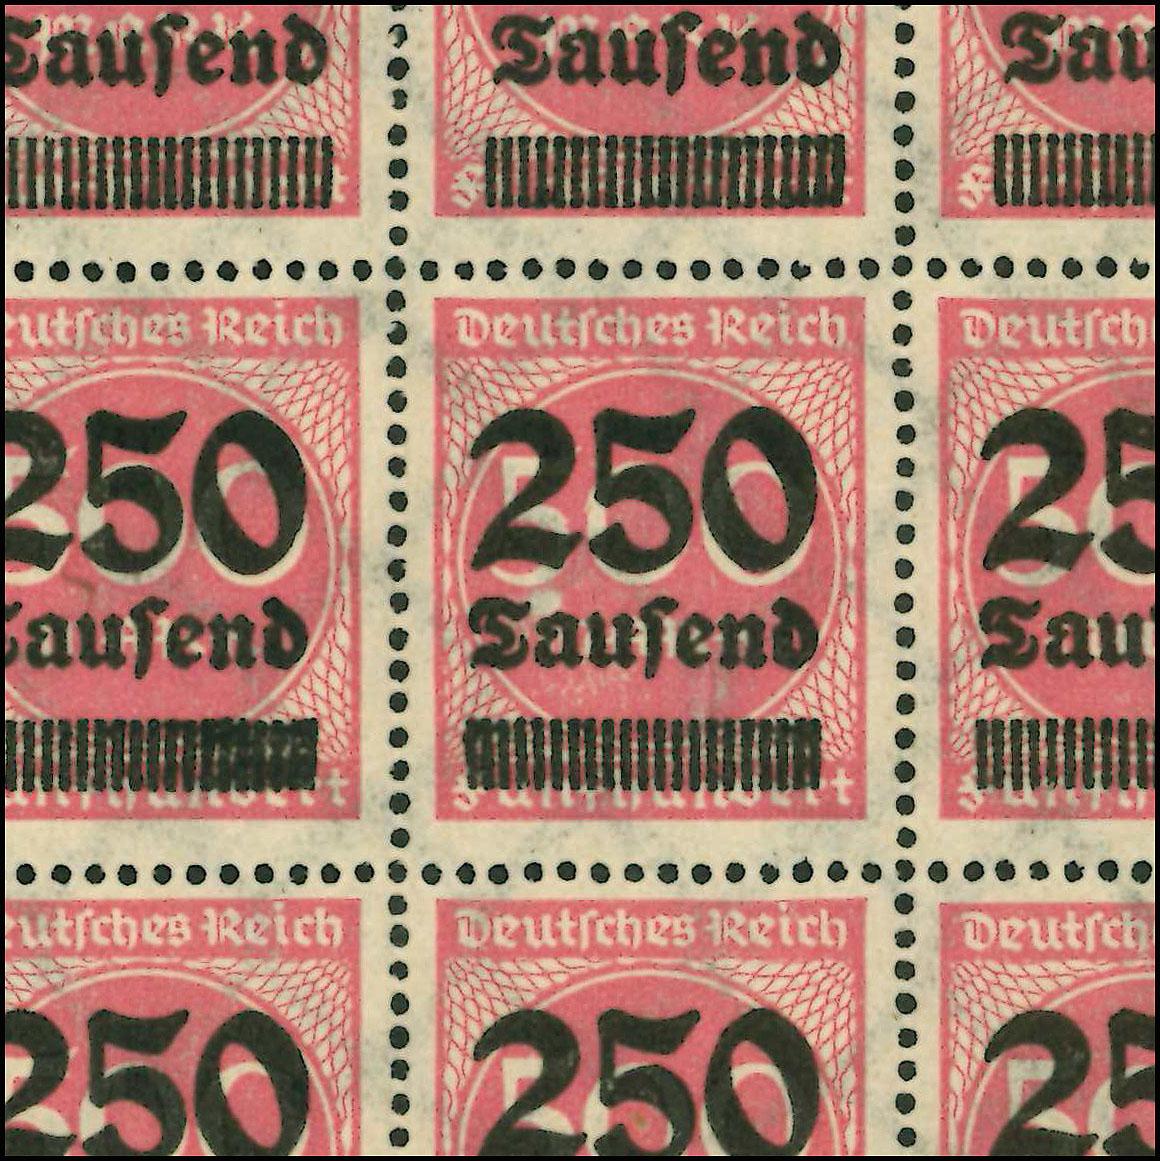 295 Infla 250 Tausend: Schalterbogen FN 5 mit MICHEL-PLF I, Feld 88 ** 1